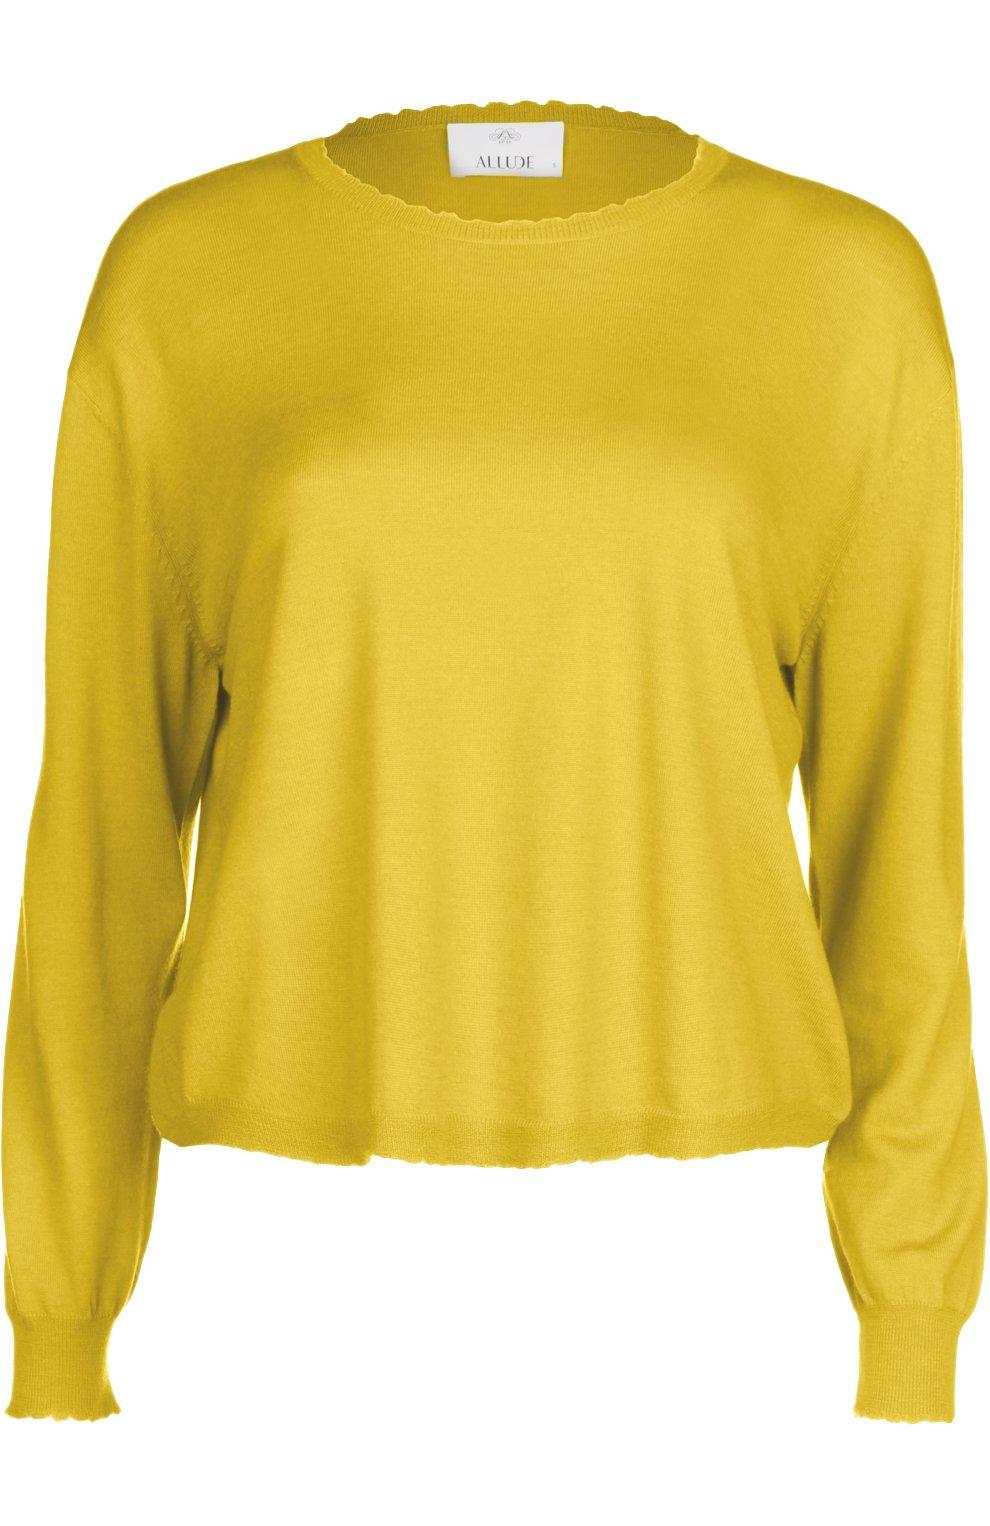 женский желтый свитер вязаный Allude купить за 15050 руб в